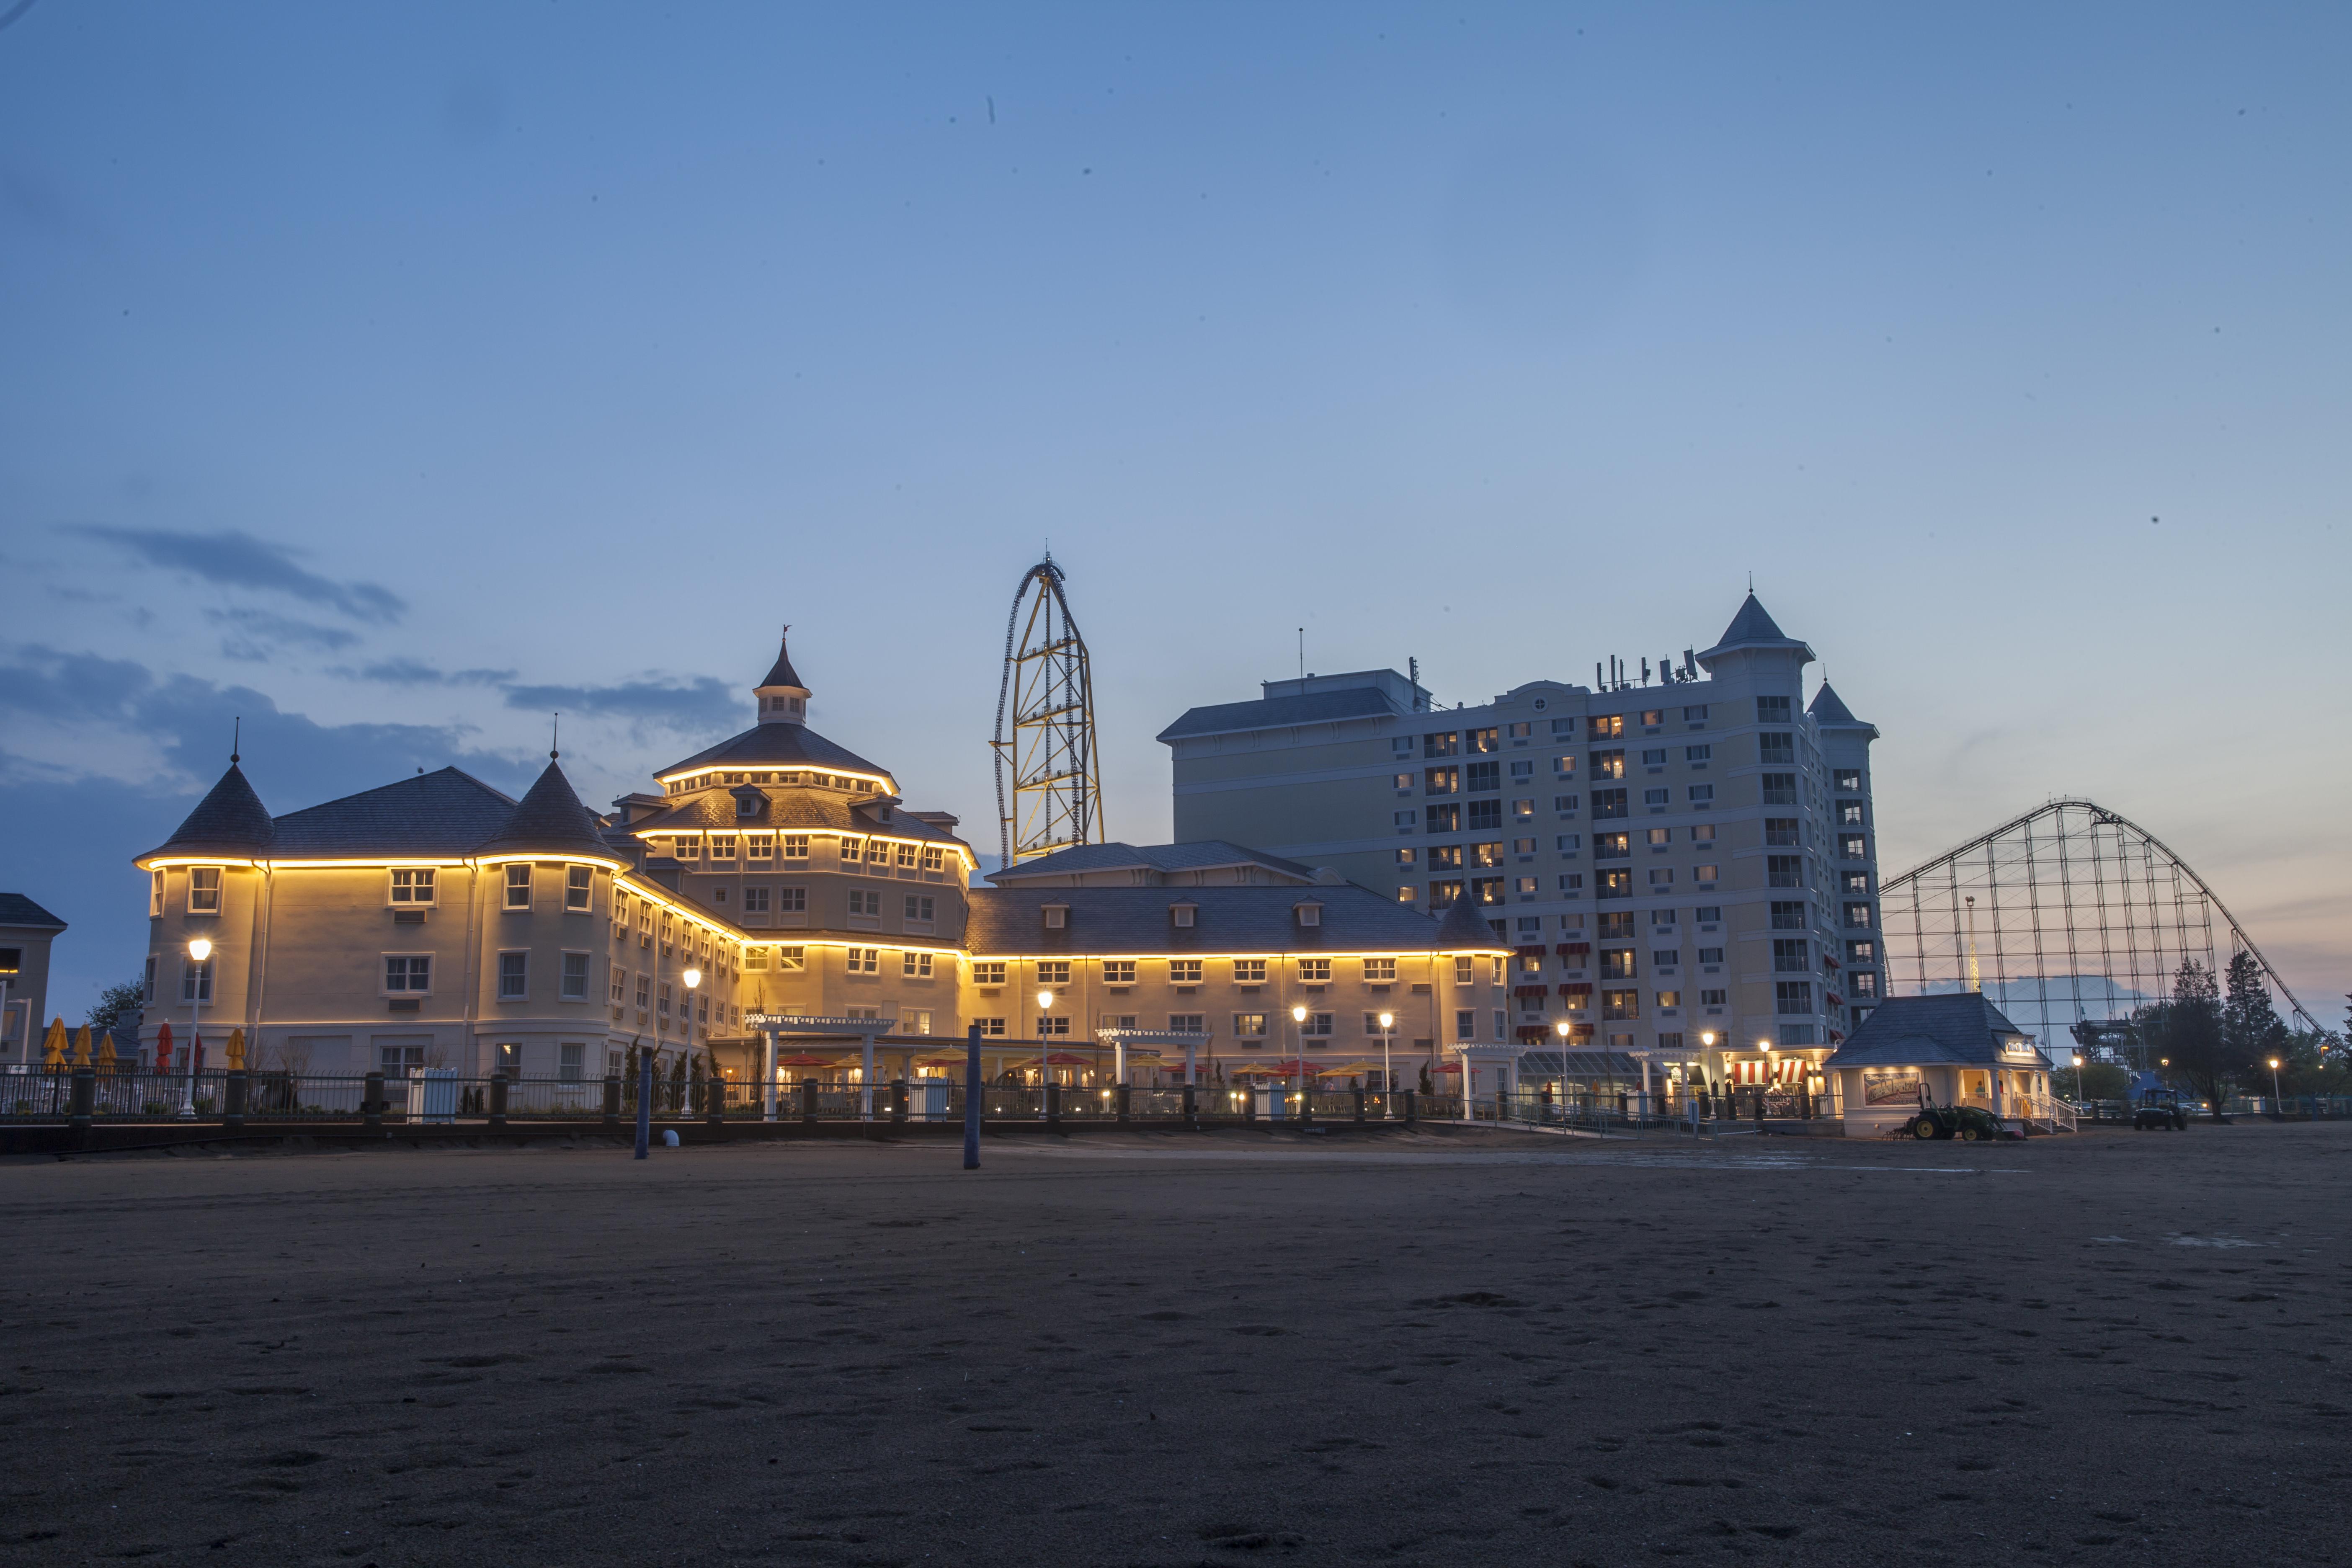 CEDAR POINTS HOTEL BREAKERS